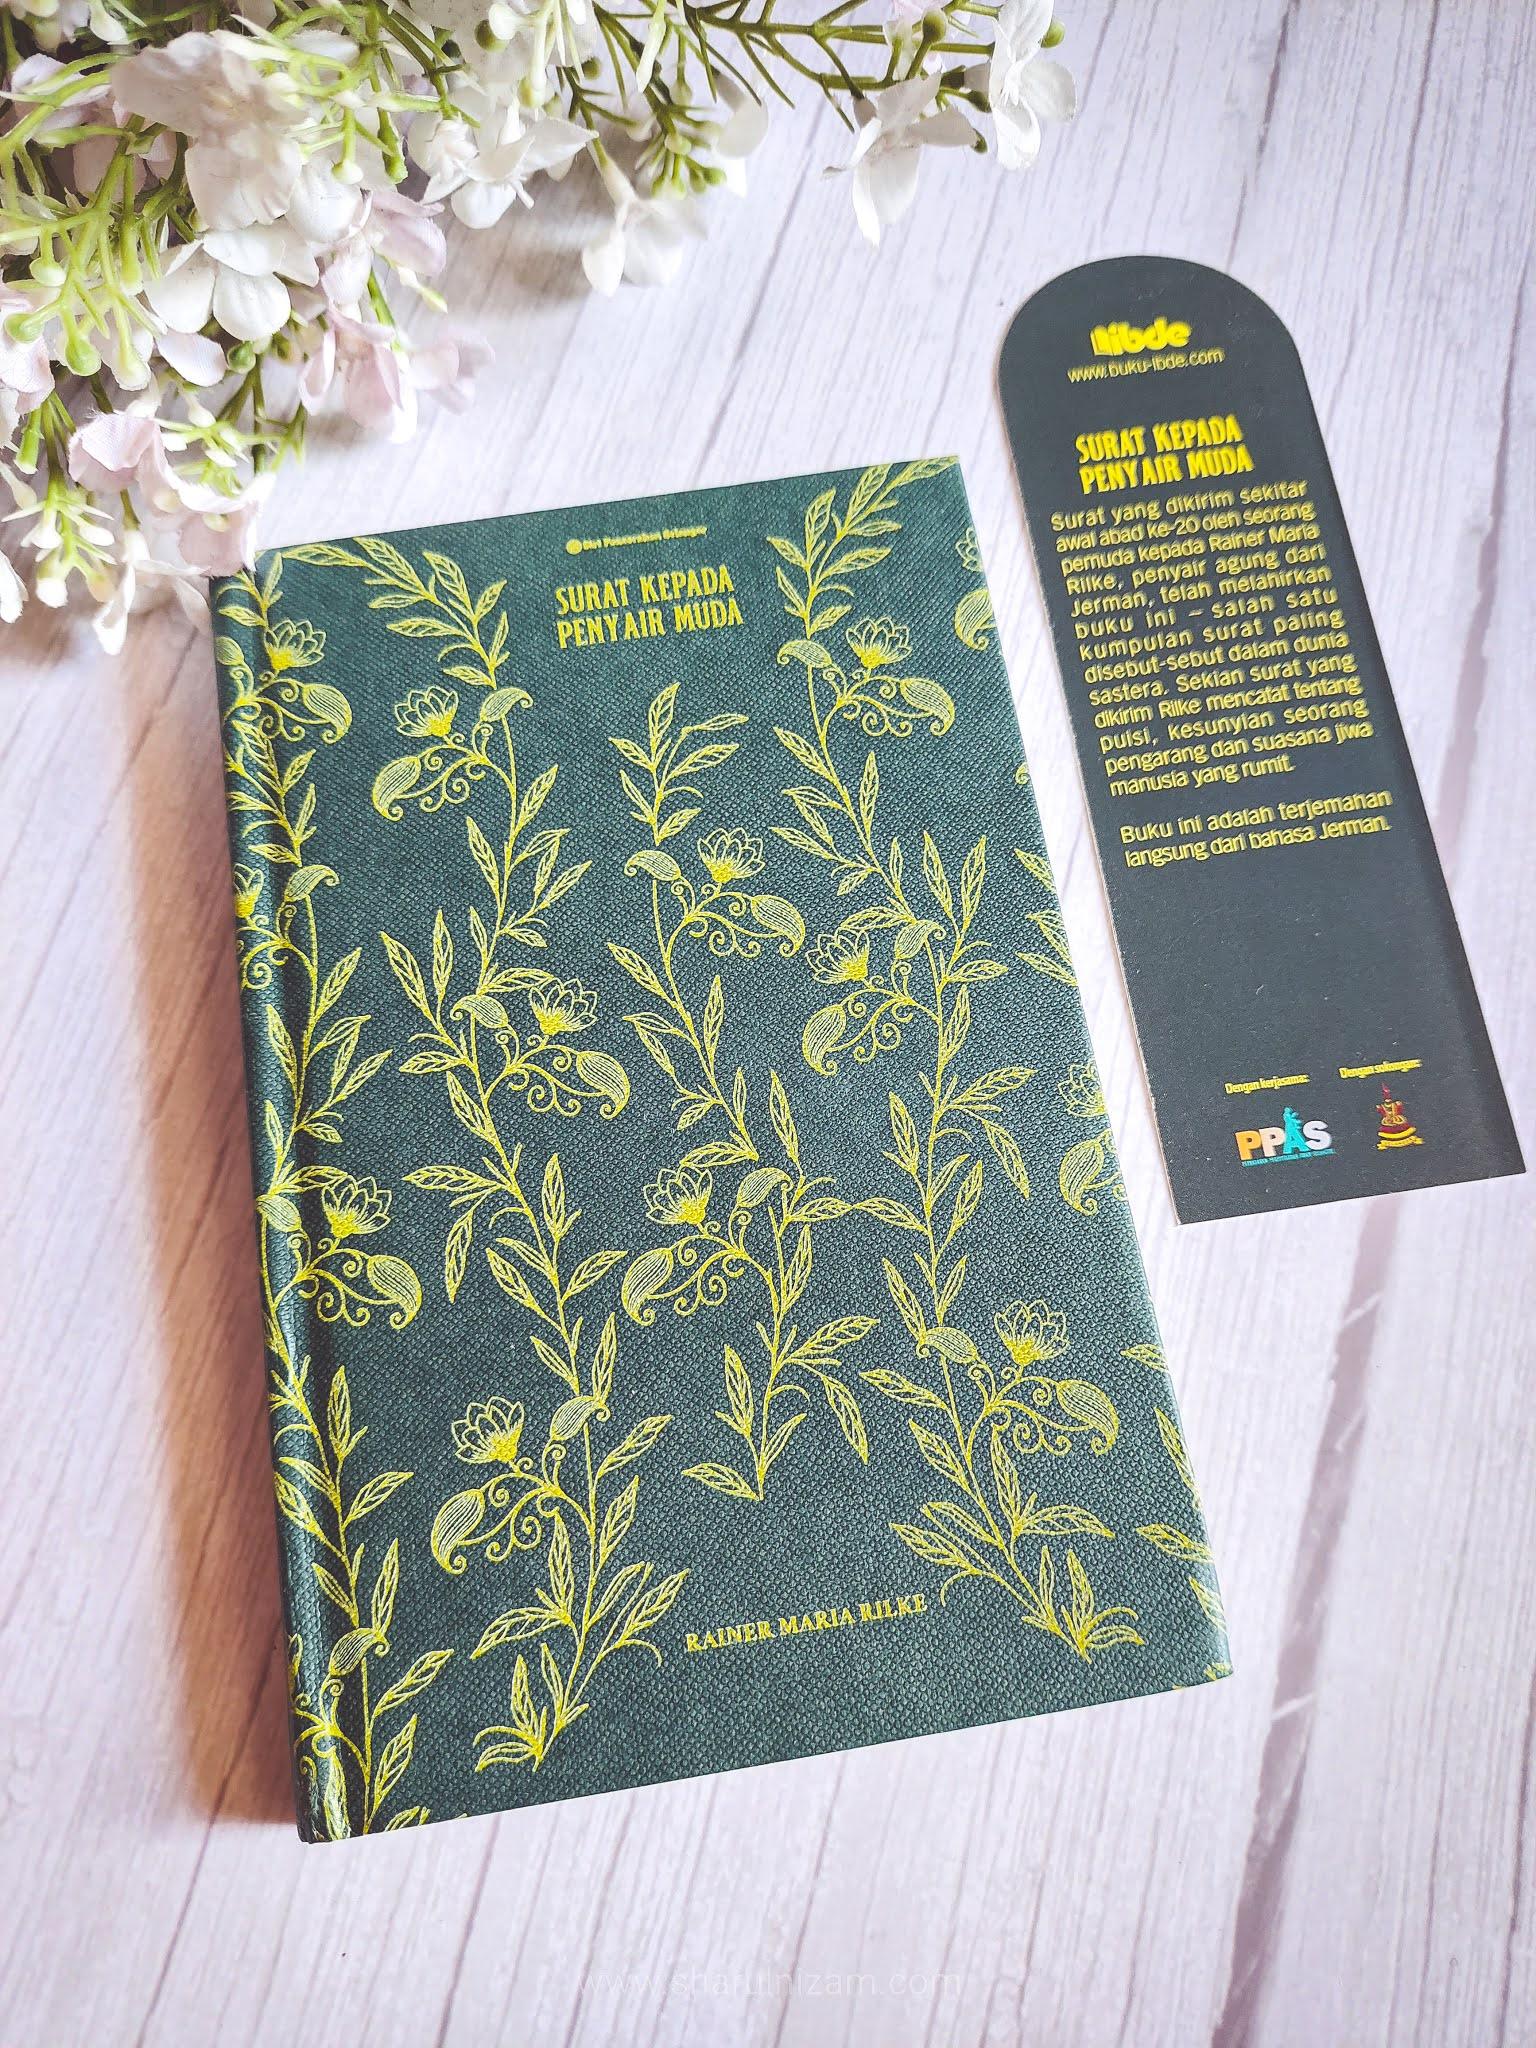 Ulasan Buku Surat Kepada Penyair Muda oleh Rainer Maria Rilke